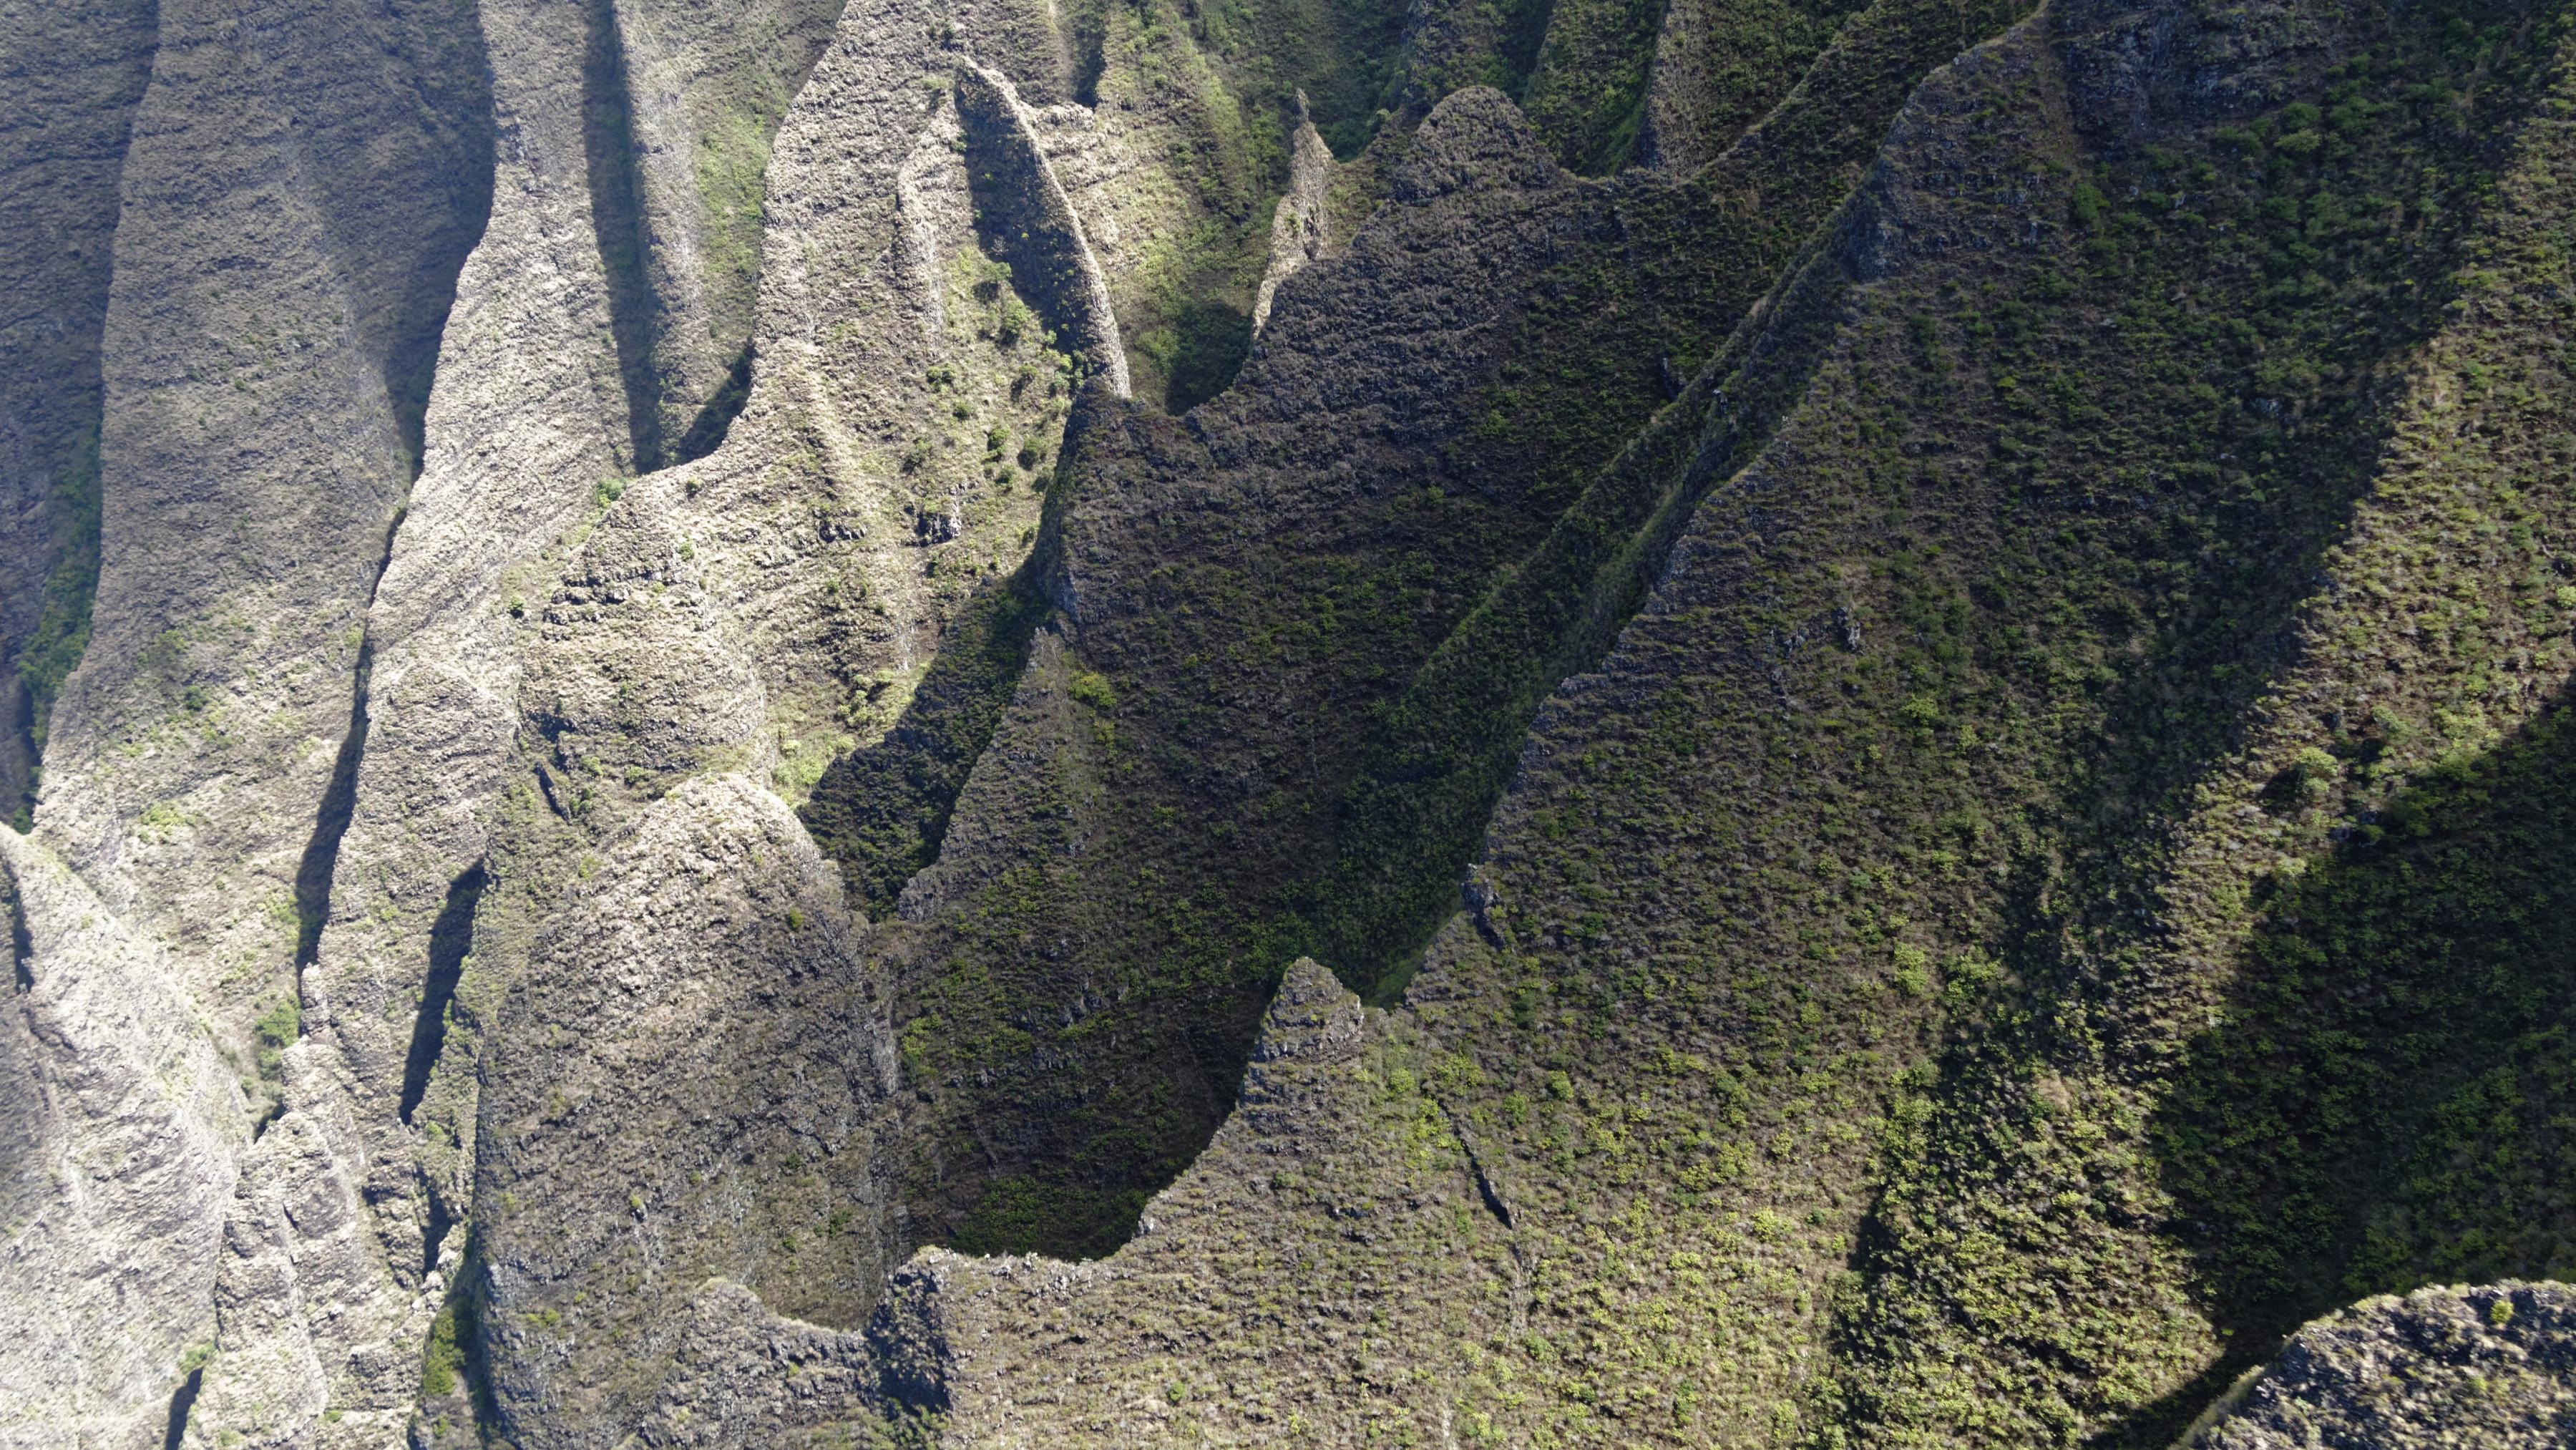 Les arrêtes vives des abords de la Na Pali coast